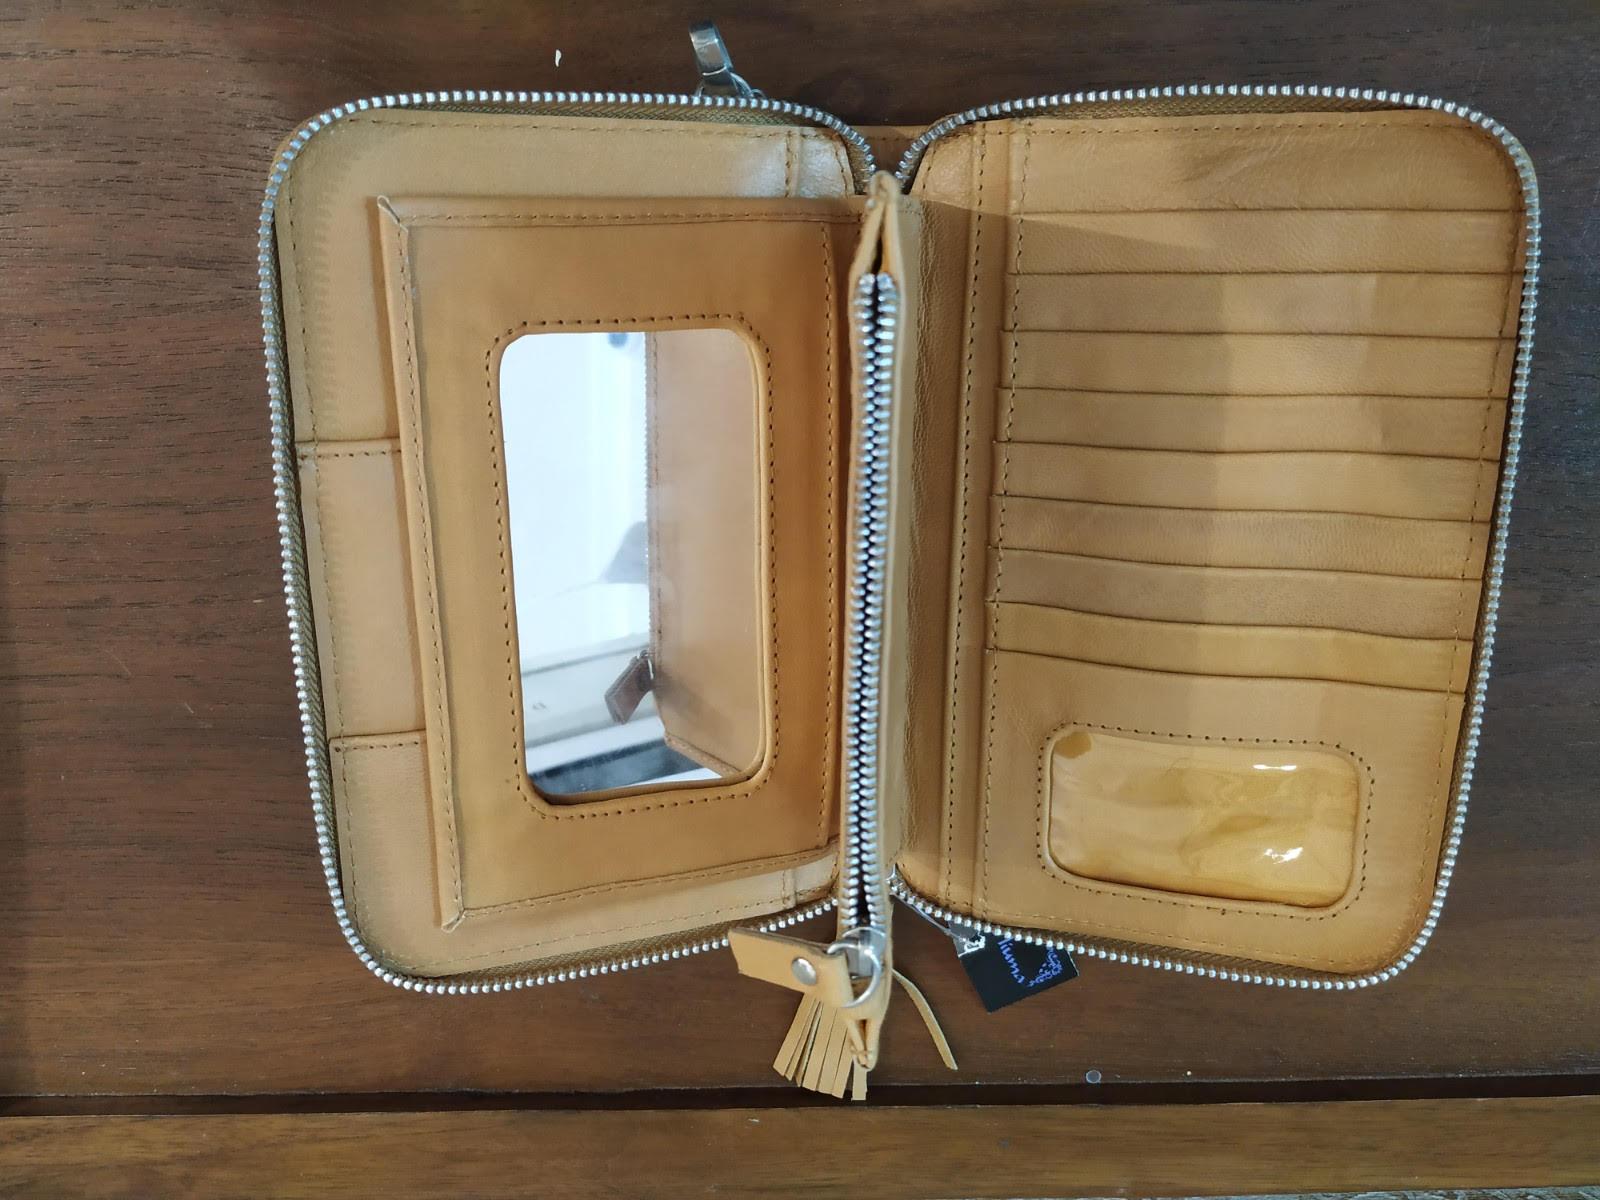 miuma-billetera-tosatado-complementos-moda-cambrils